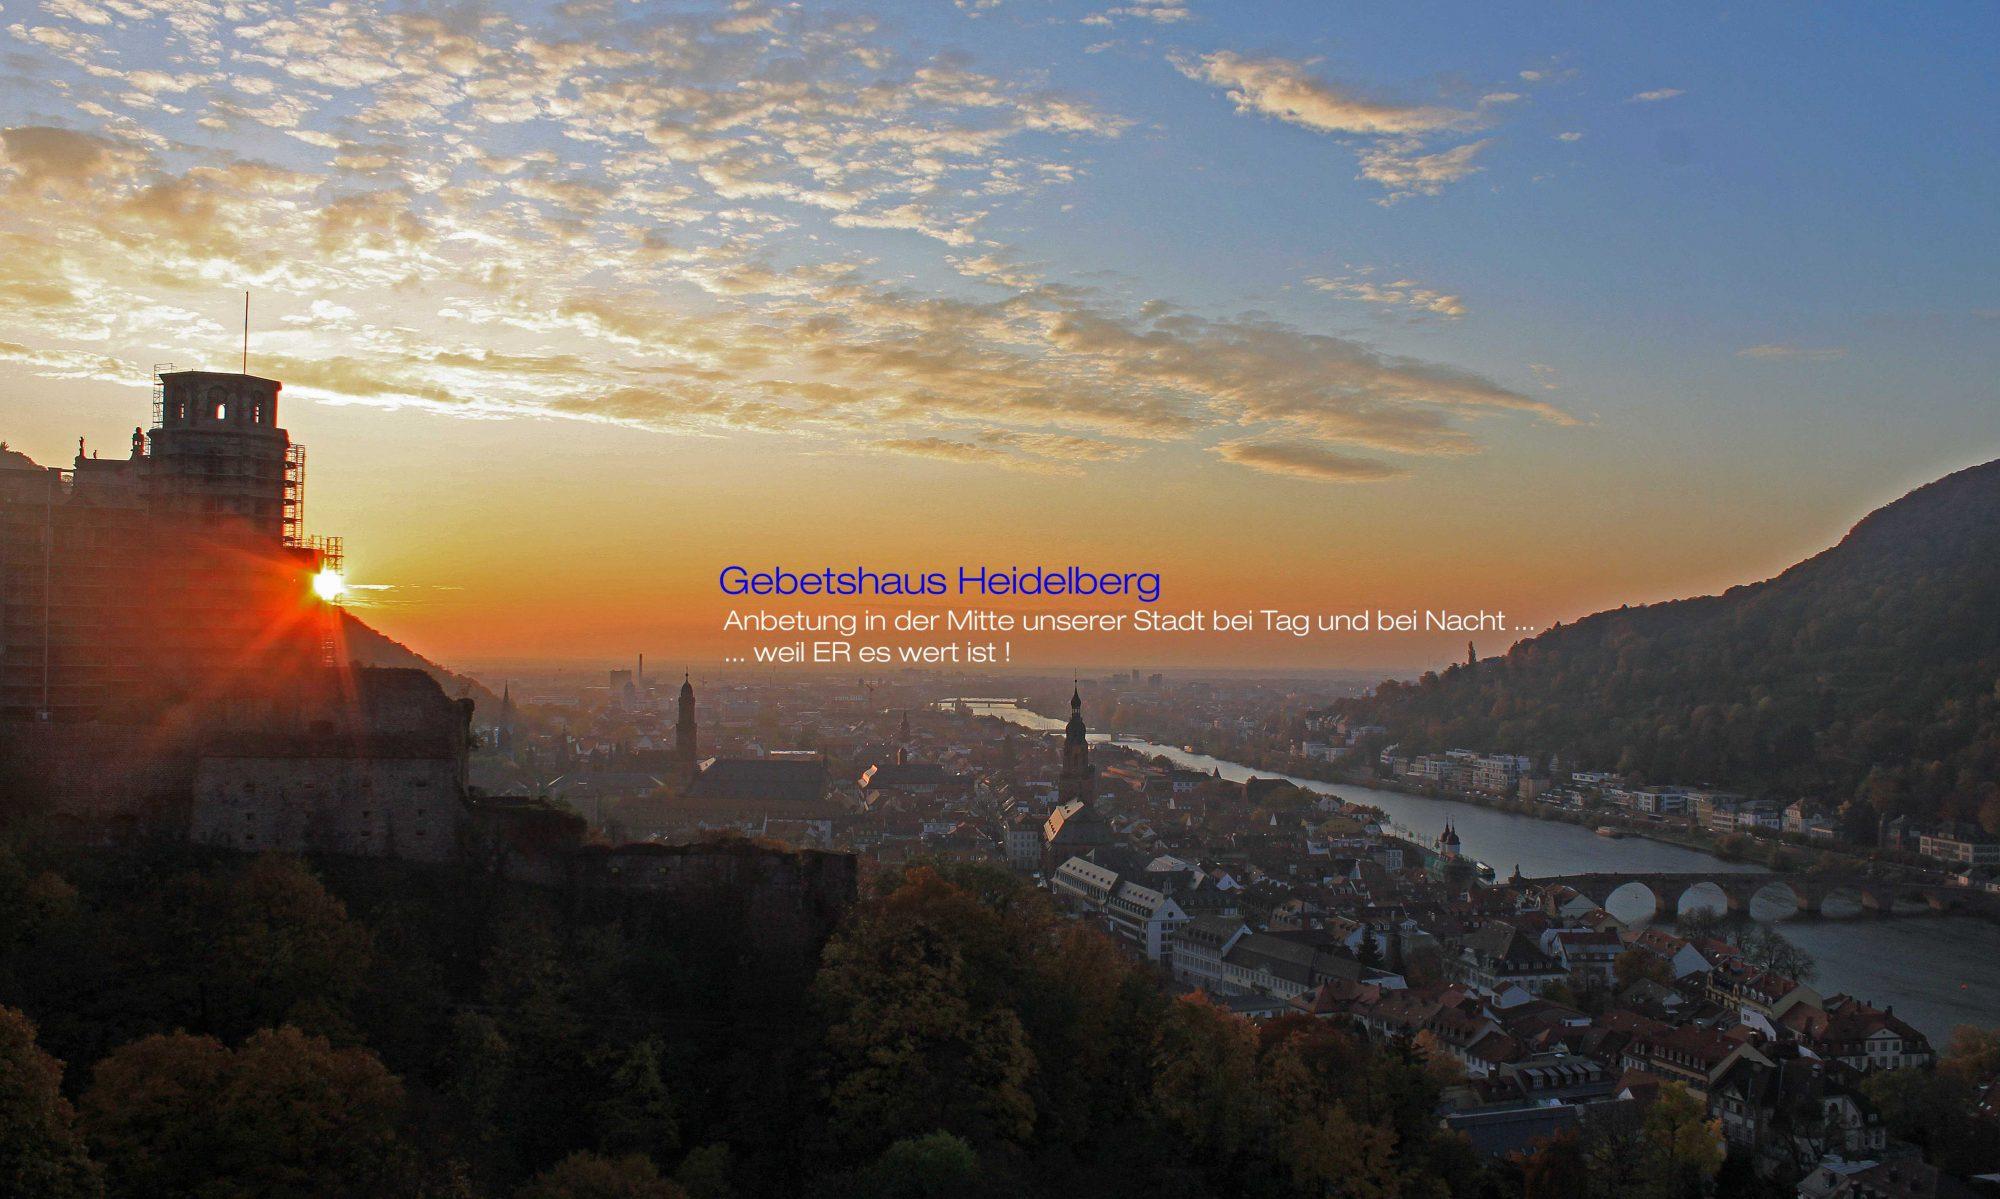 Gebetshaus Heidelberg